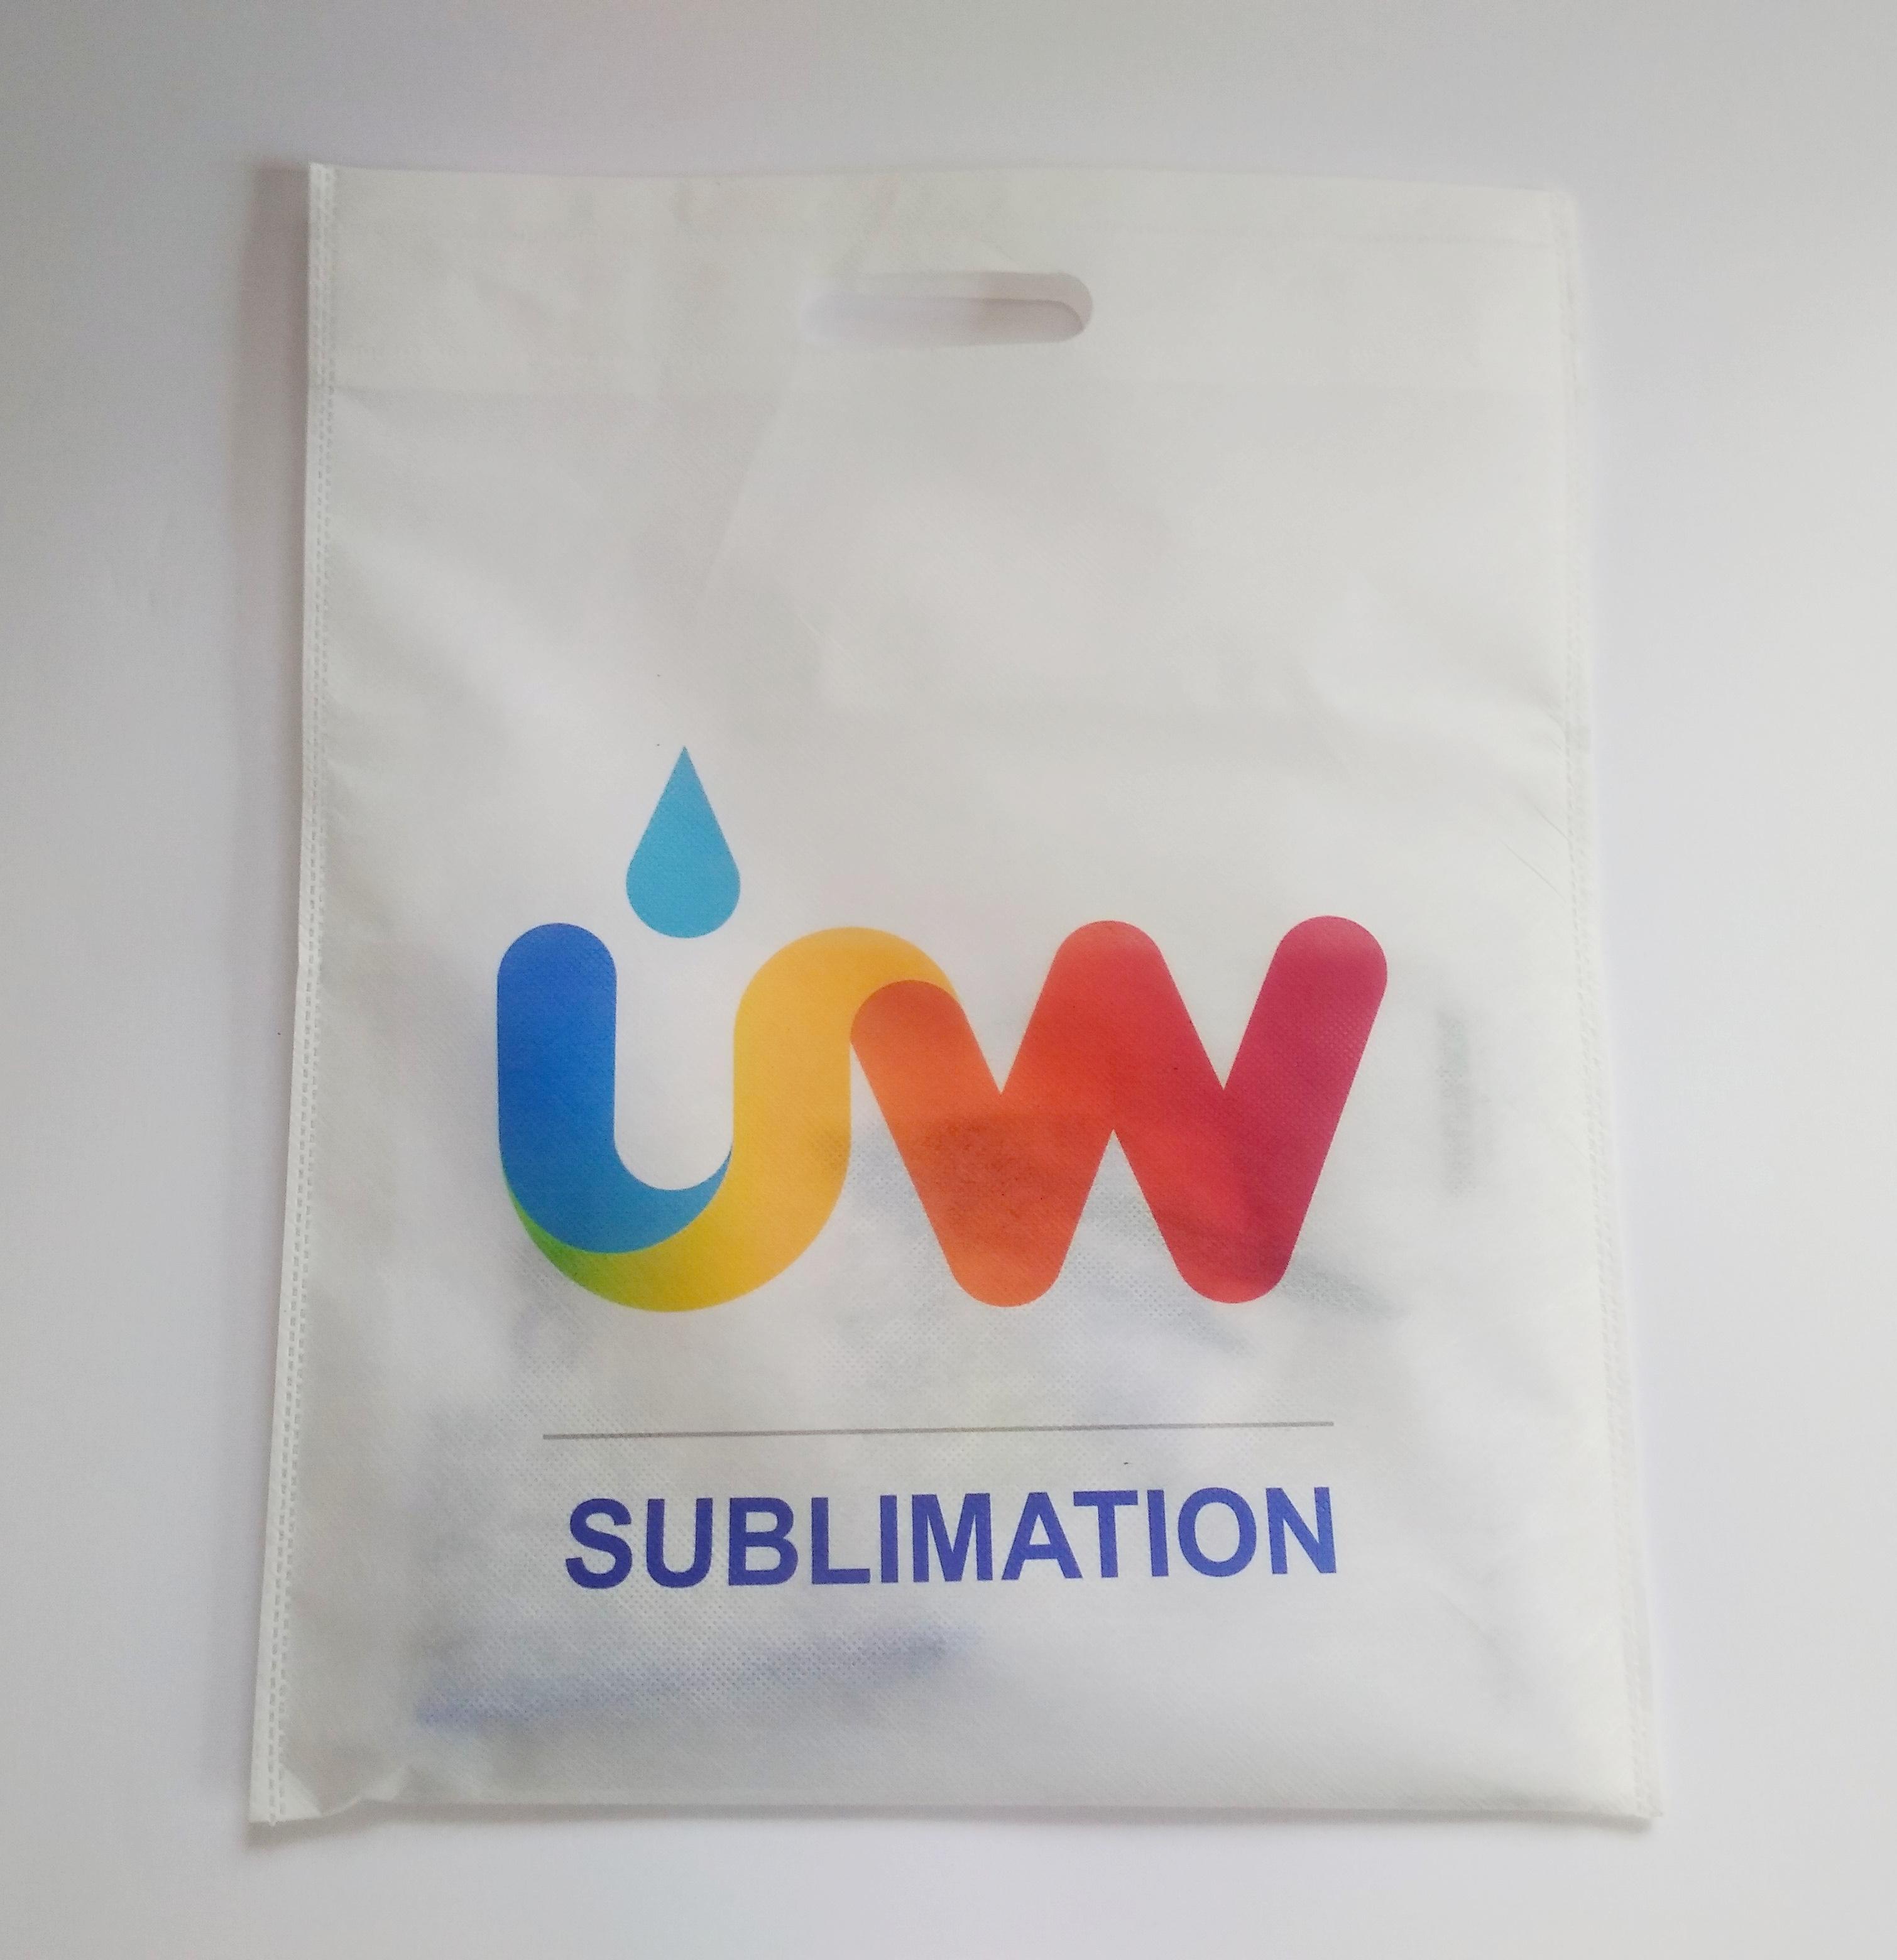 сувенирная продукция для сублимации